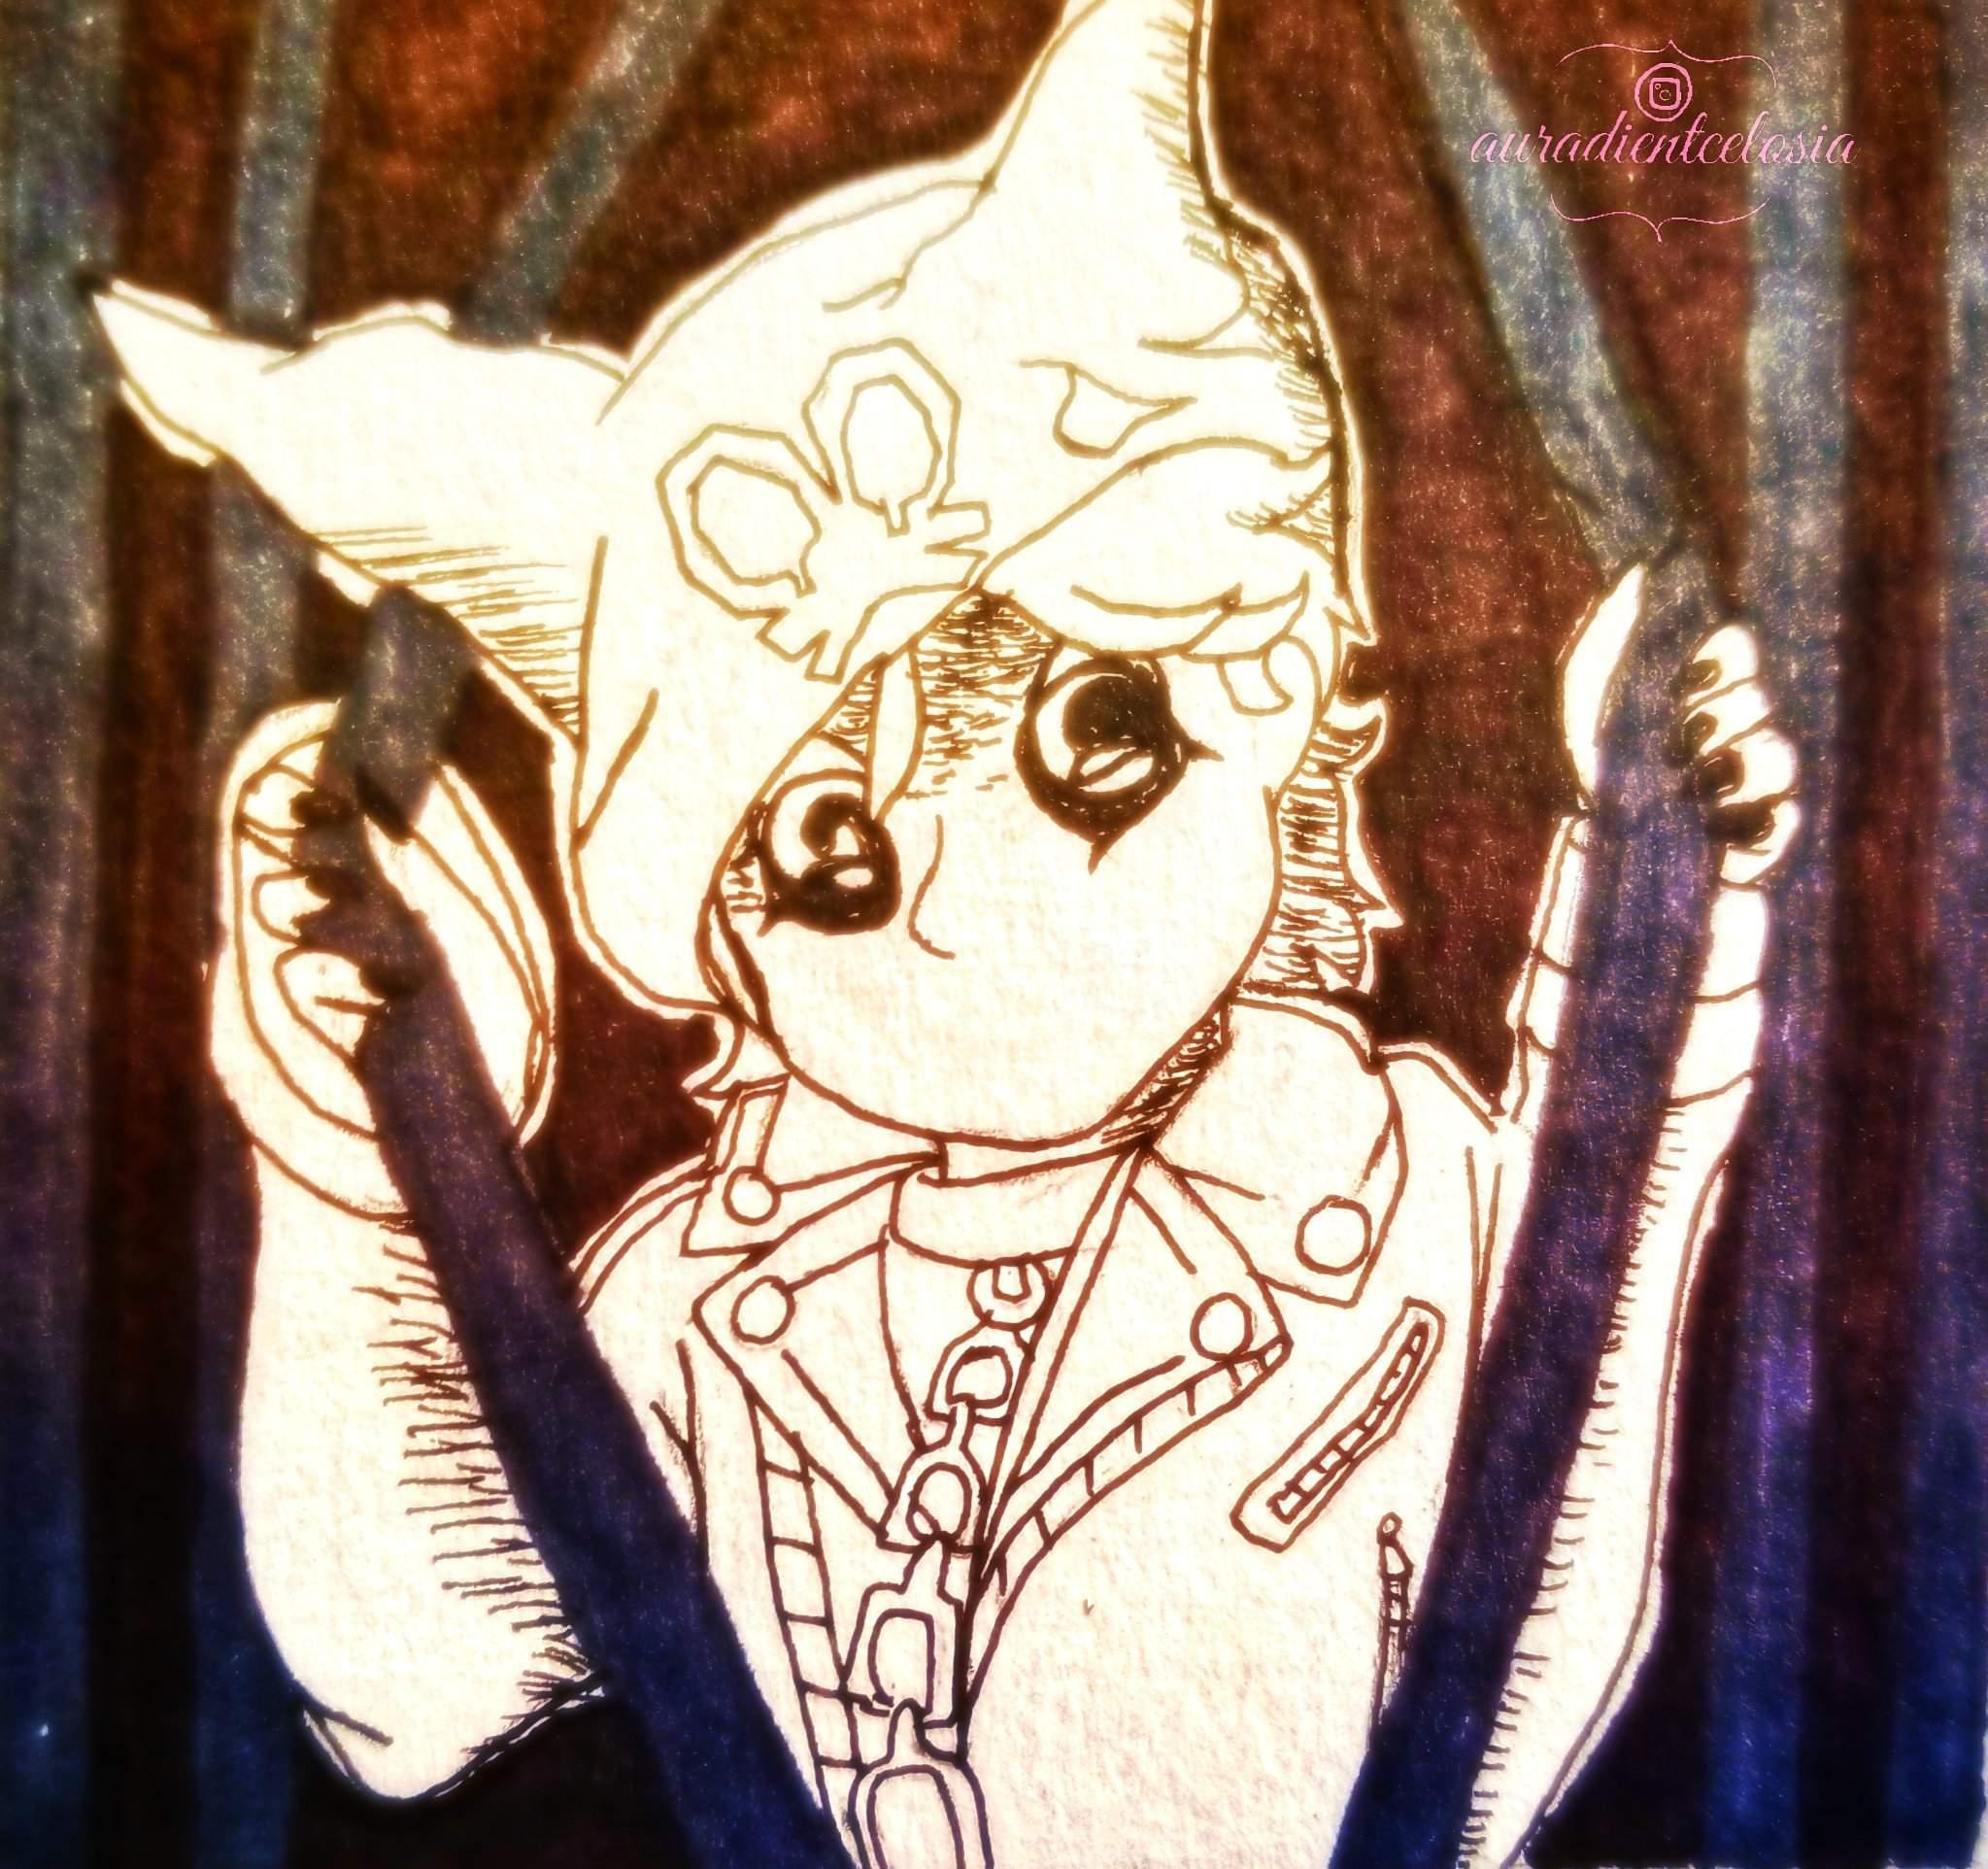 Inktober 1 Panic Ryoma Hoshi Danganronpa Amino He belongs to kazutaka kodaka. amino apps